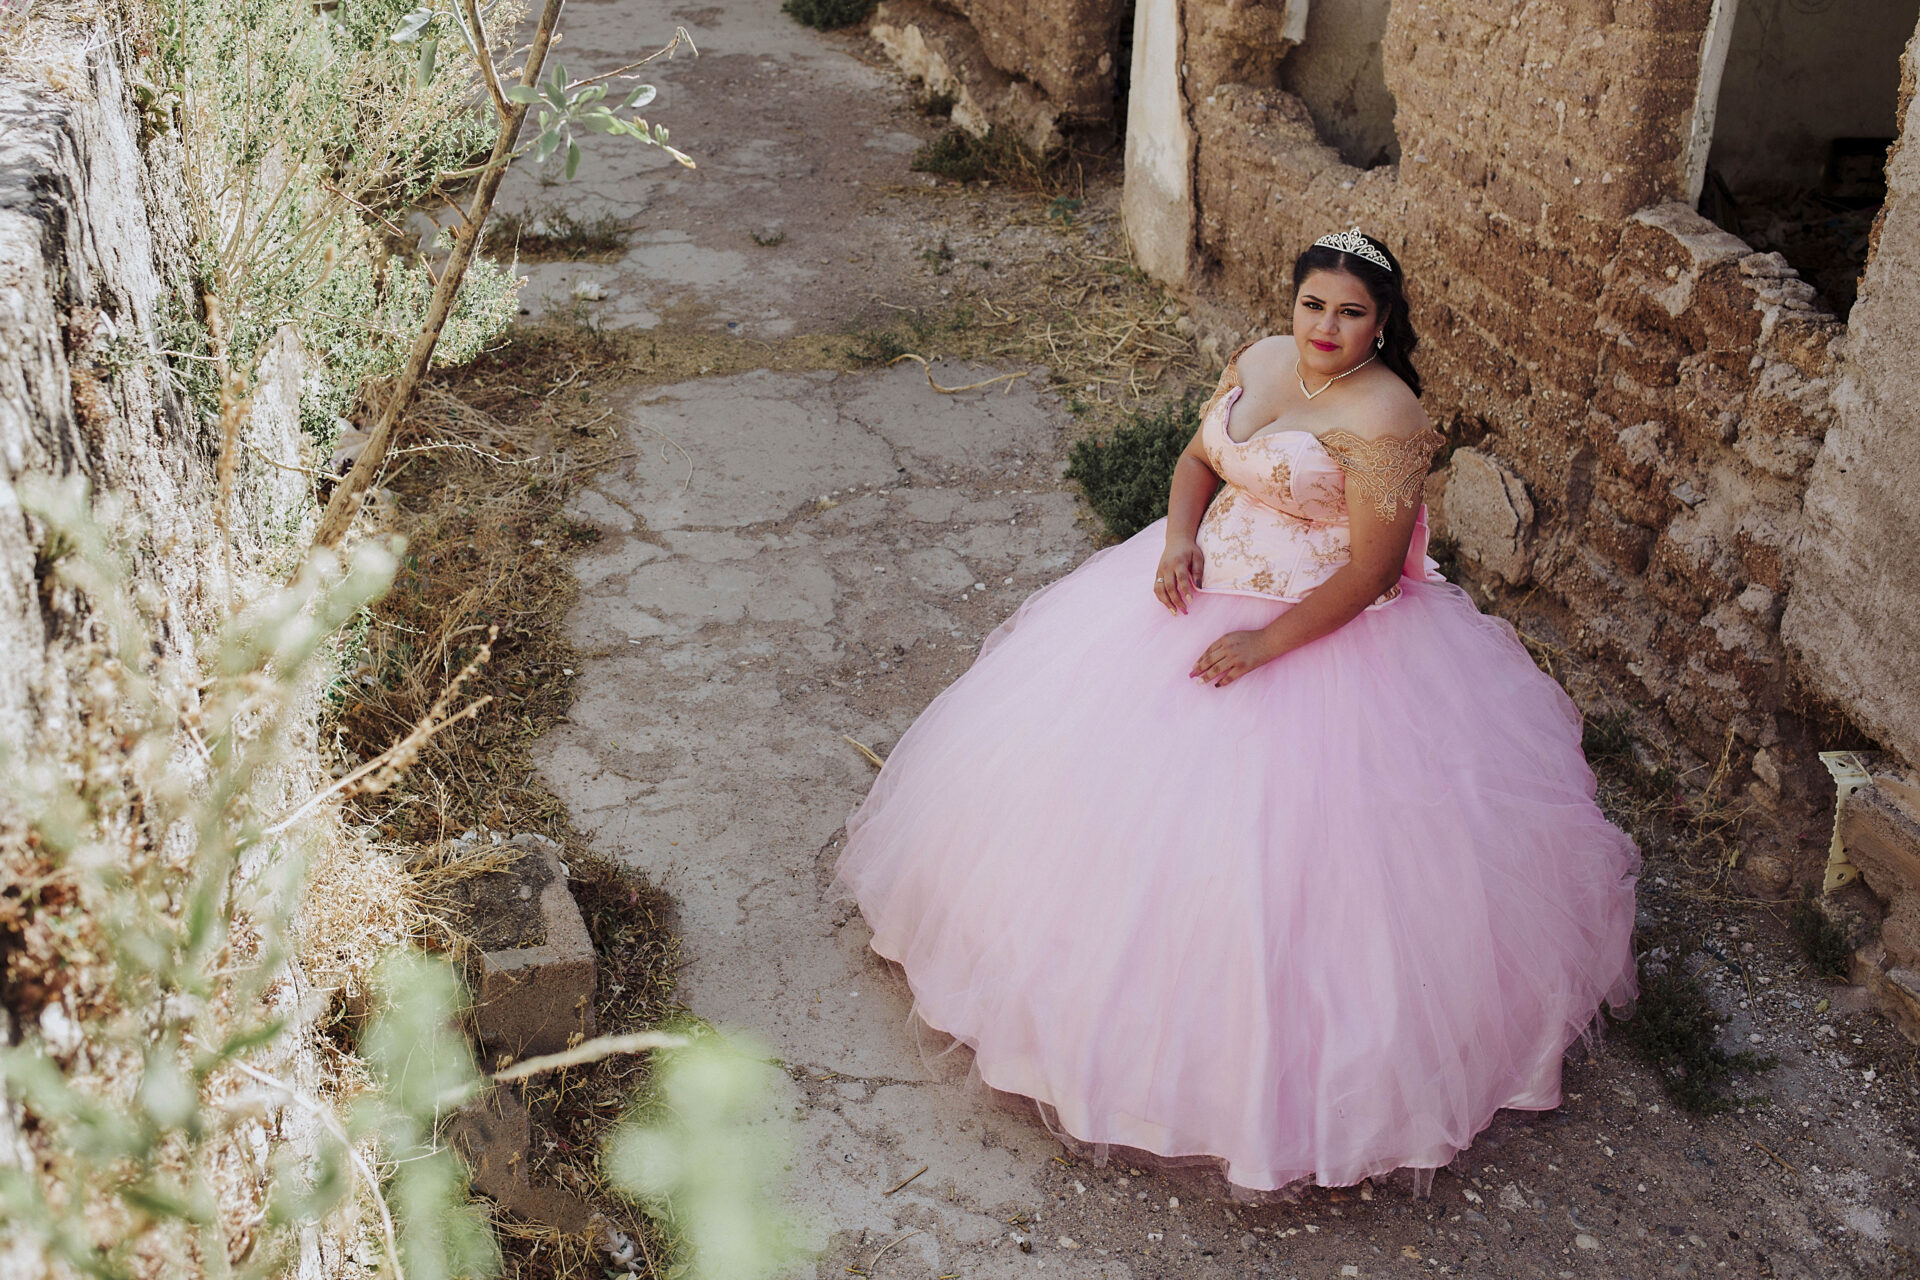 javier_noriega_fotografo_bodas_zacatecas_xv_años_chihuahua00007